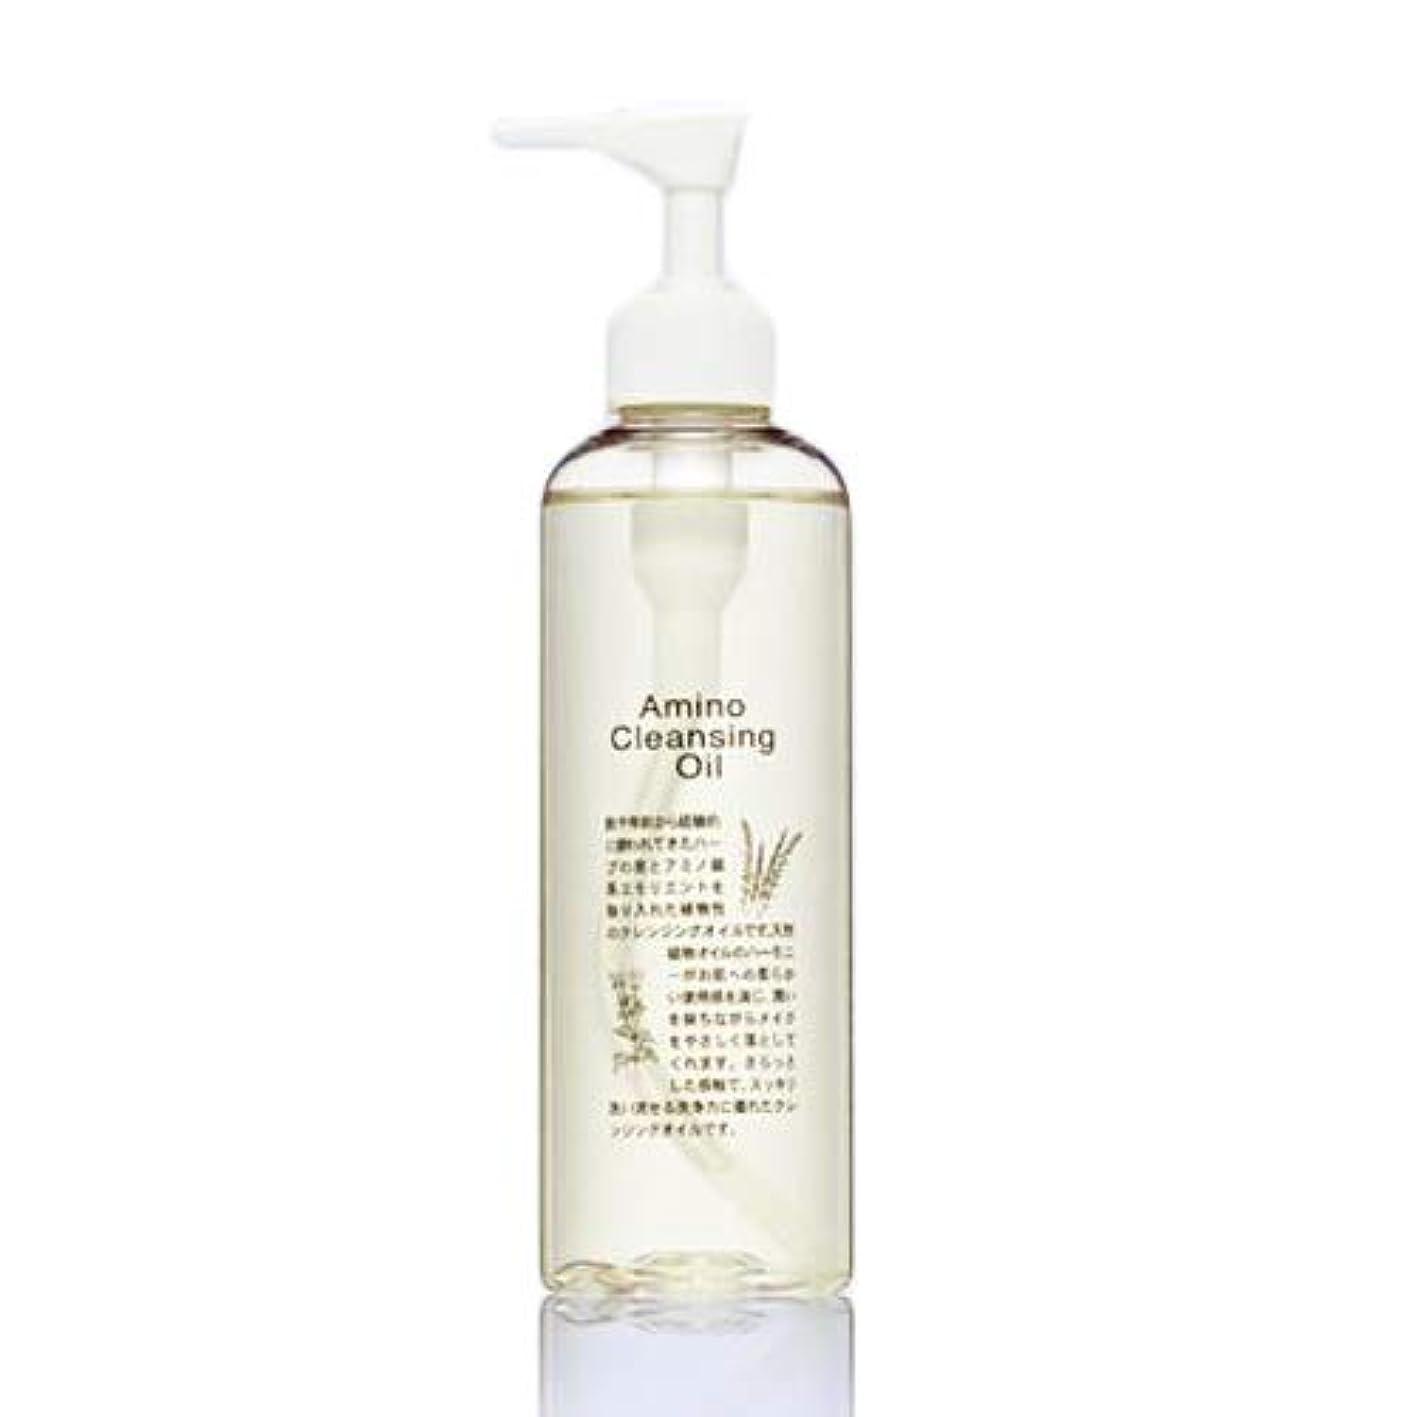 忠実なシャンパンベリーエビス化粧品(EBiS) アミノクレンジングオイル クレンジング